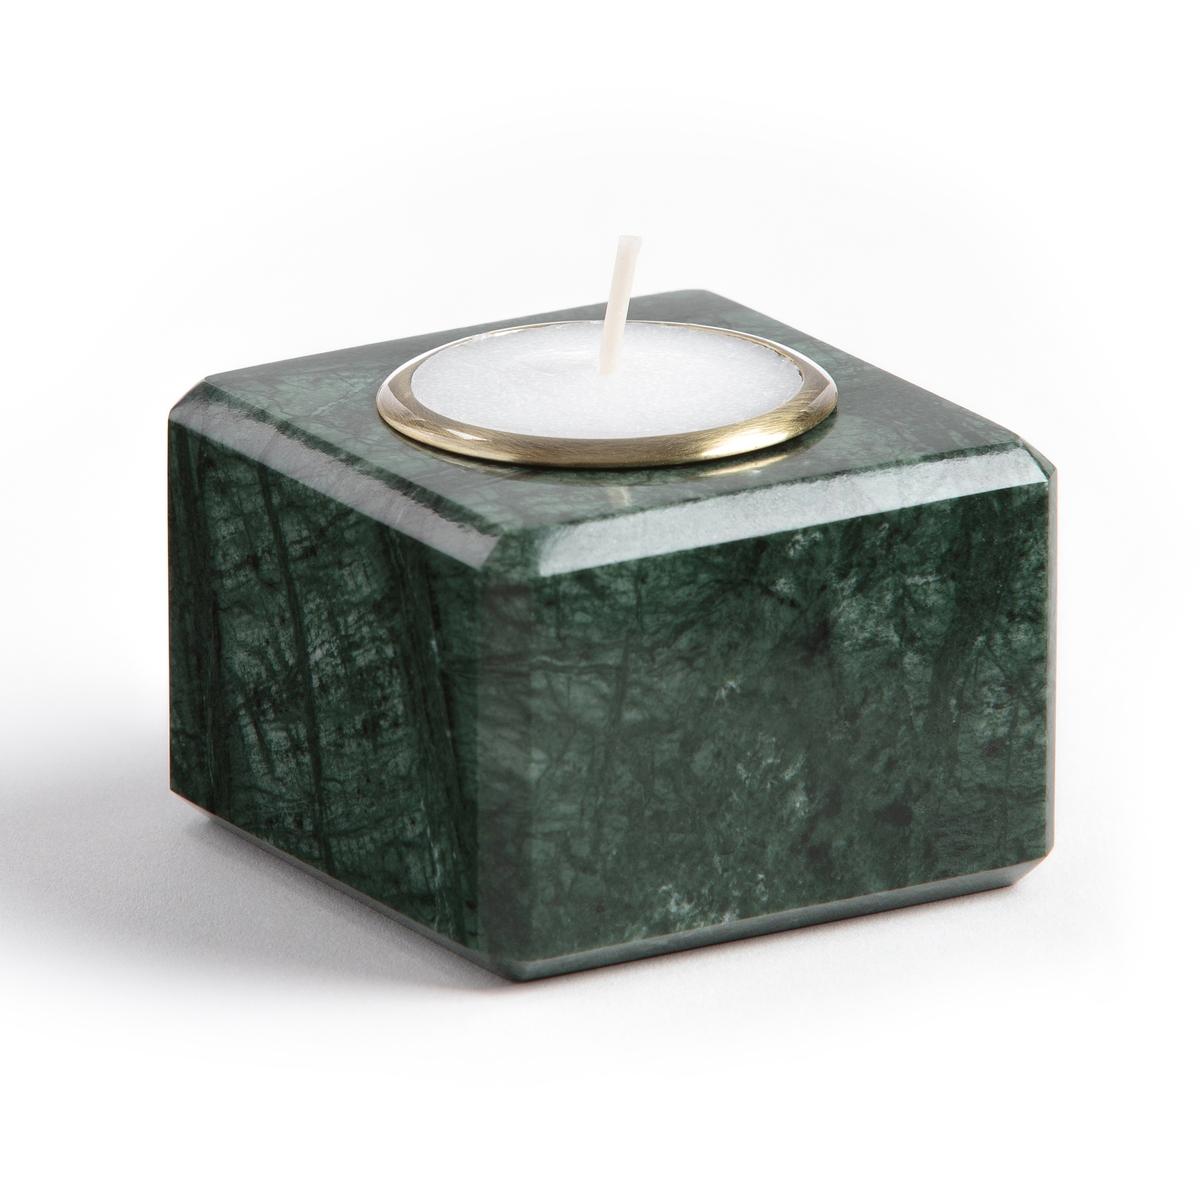 Подсвечник из марамора SamdanПодсвечник Samdan. Из зеленого мрамора и черного металла . Для греющей свечи . Размеры :  ?9,5 x 9,5 см.<br><br>Цвет: Зеленый мрамор